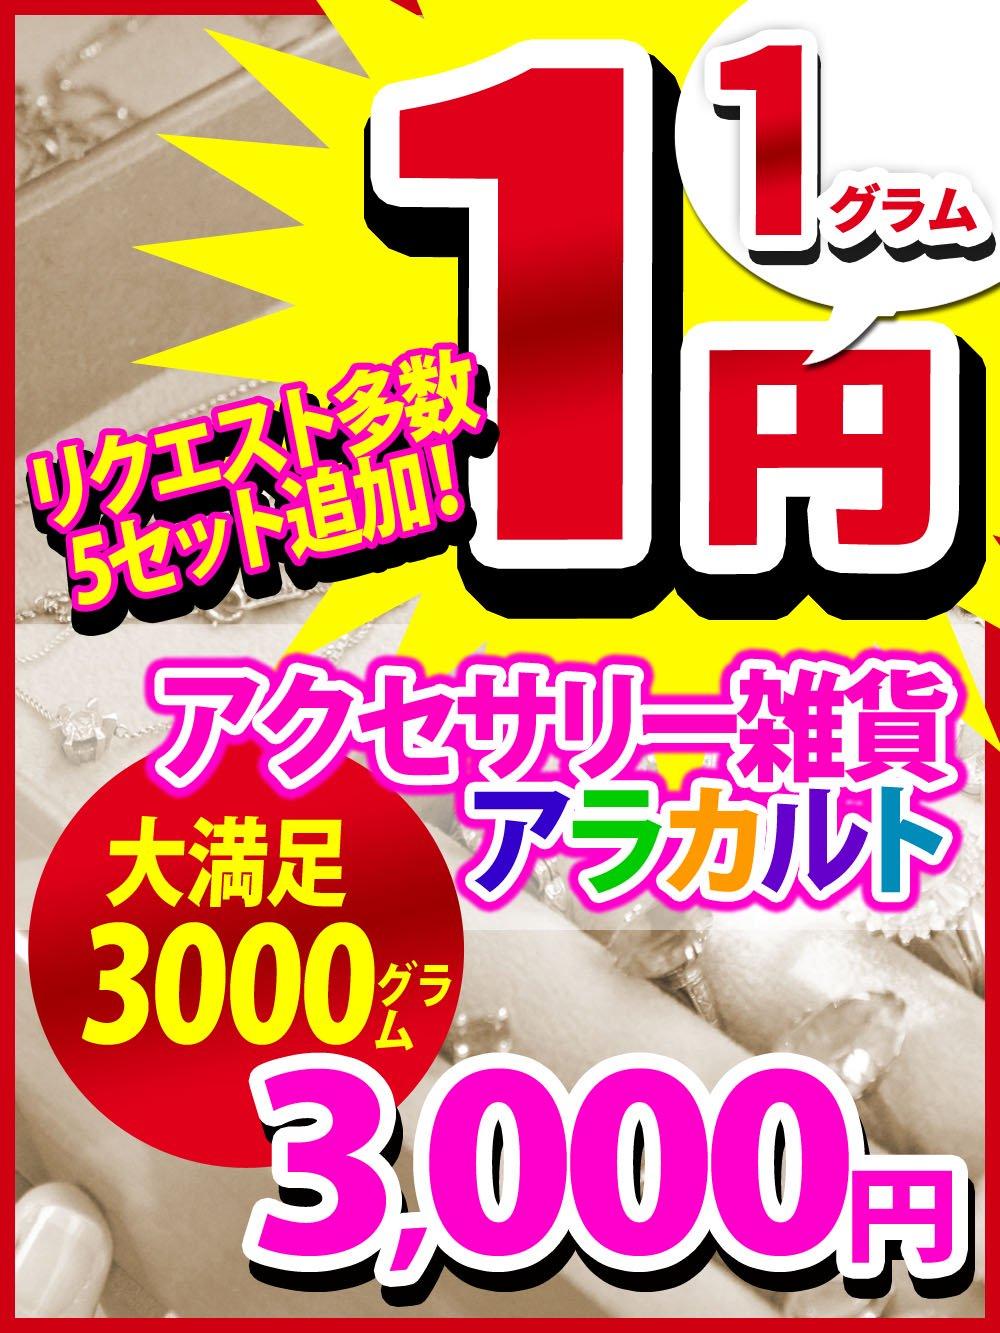 【リクエスト再販】アクセサリー雑貨1g 1円 3000g入り【5セット限定追加】